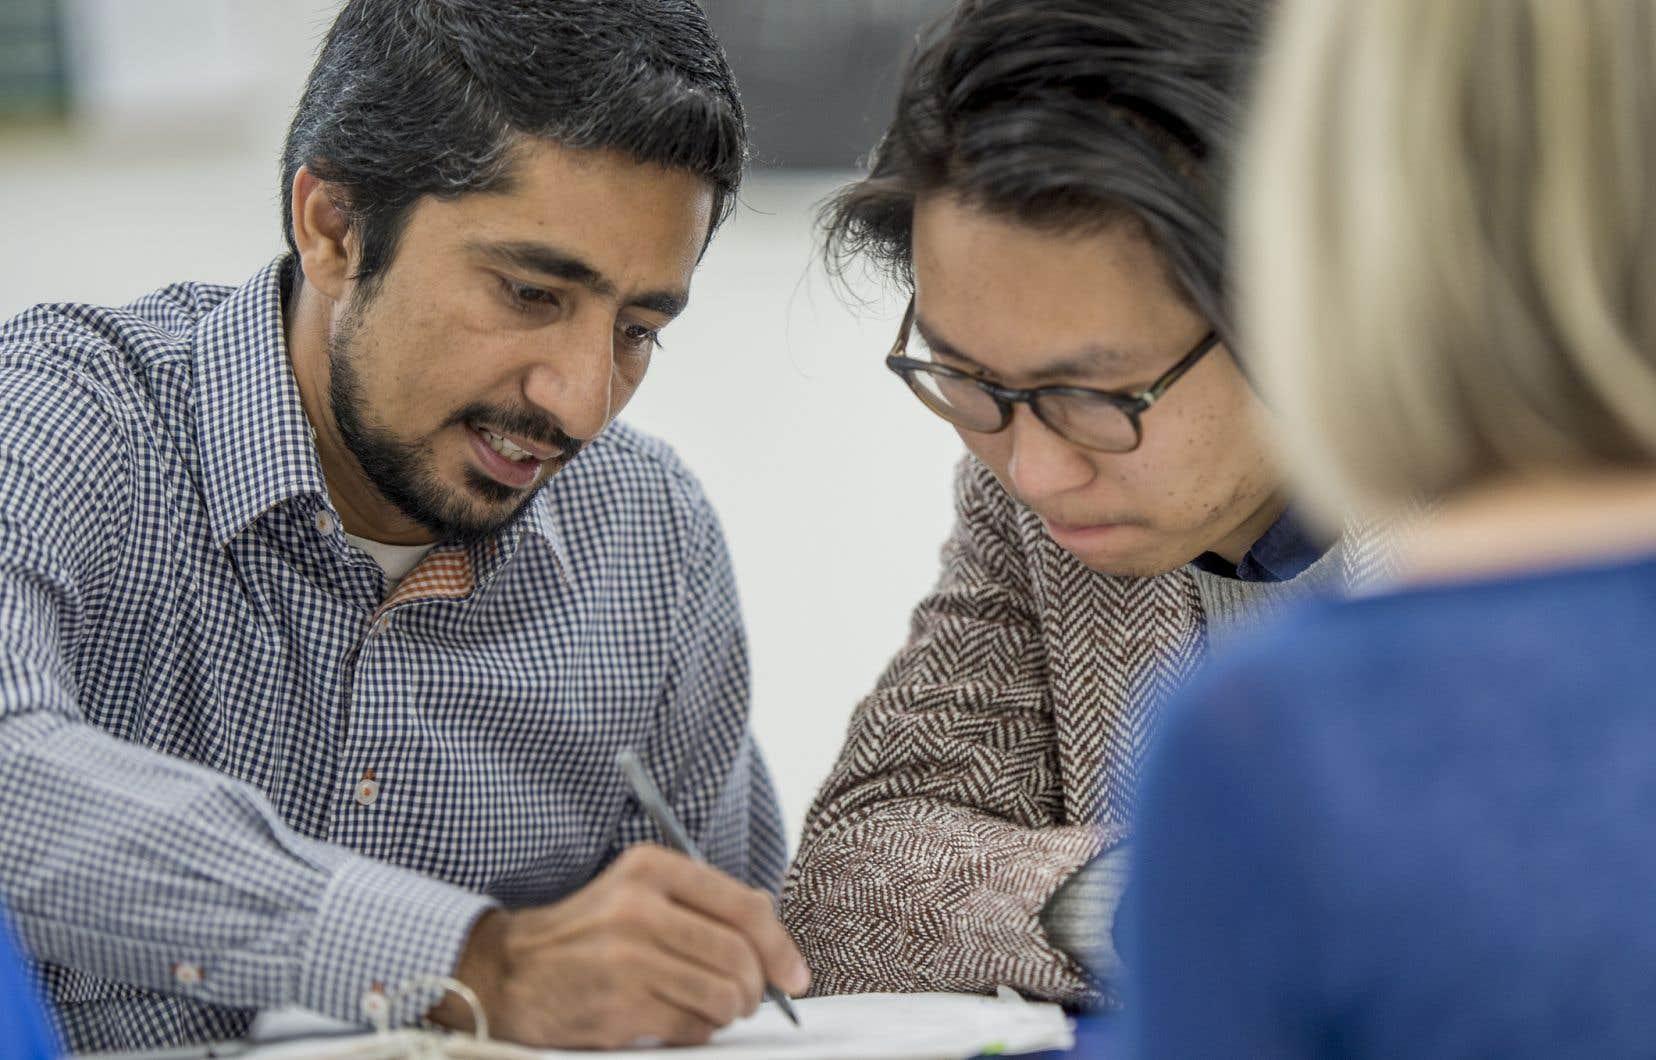 Du côté des élèves, certains critères peuvent jouer en faveur d'une meilleure intégration scolaire. Par exemple, s'ils savent déjà lire et écrire, ce sera généralement plus facile.